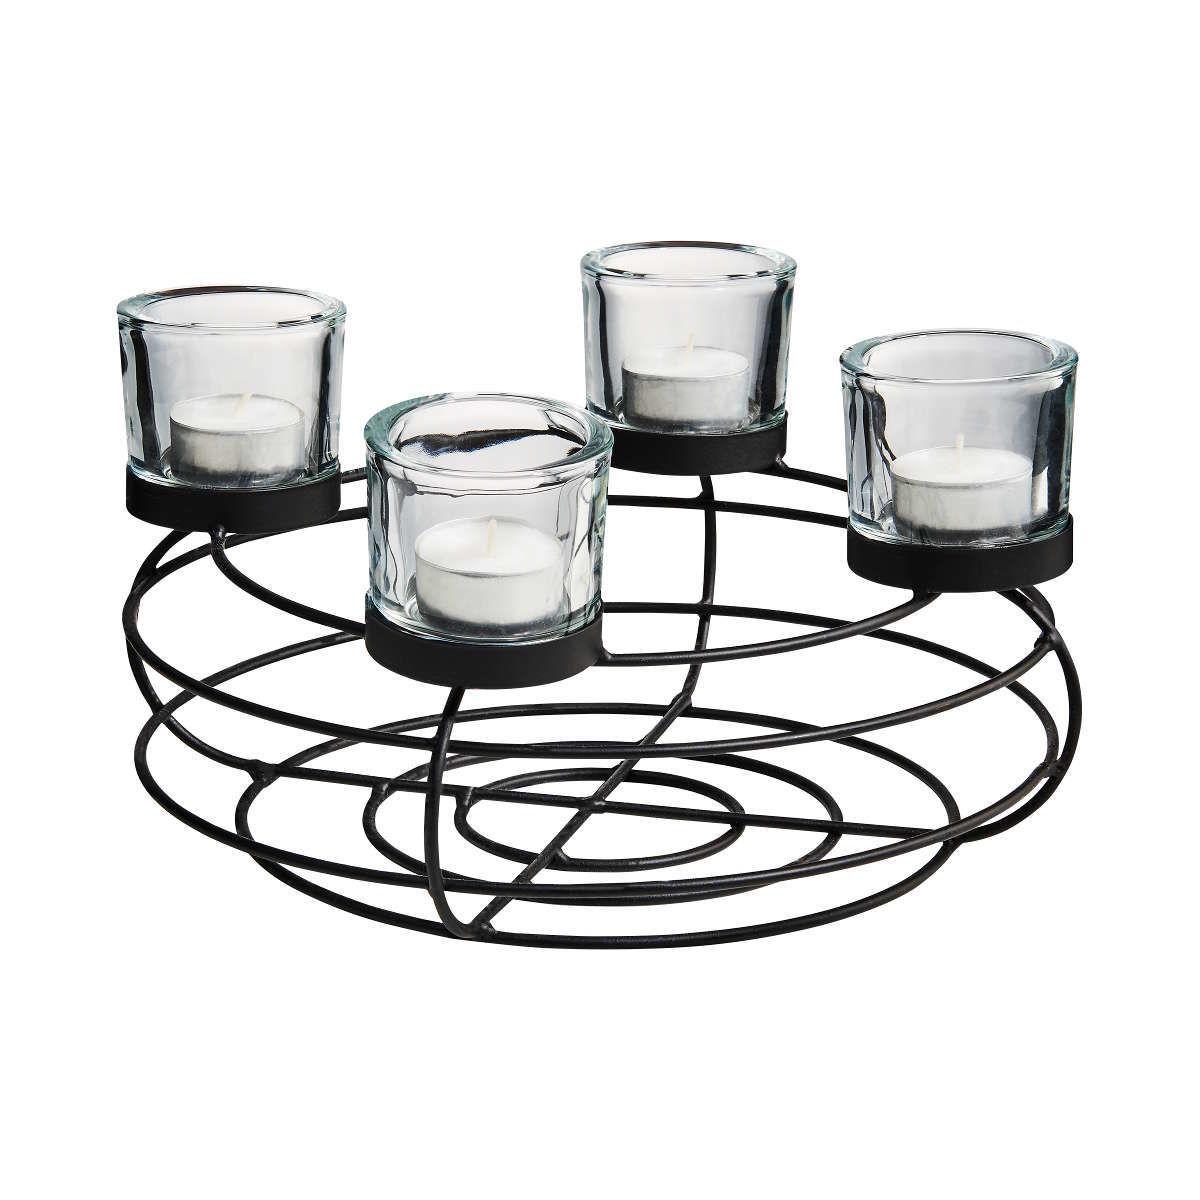 Bild 2 von Adventskranz mit Teelichthaltern